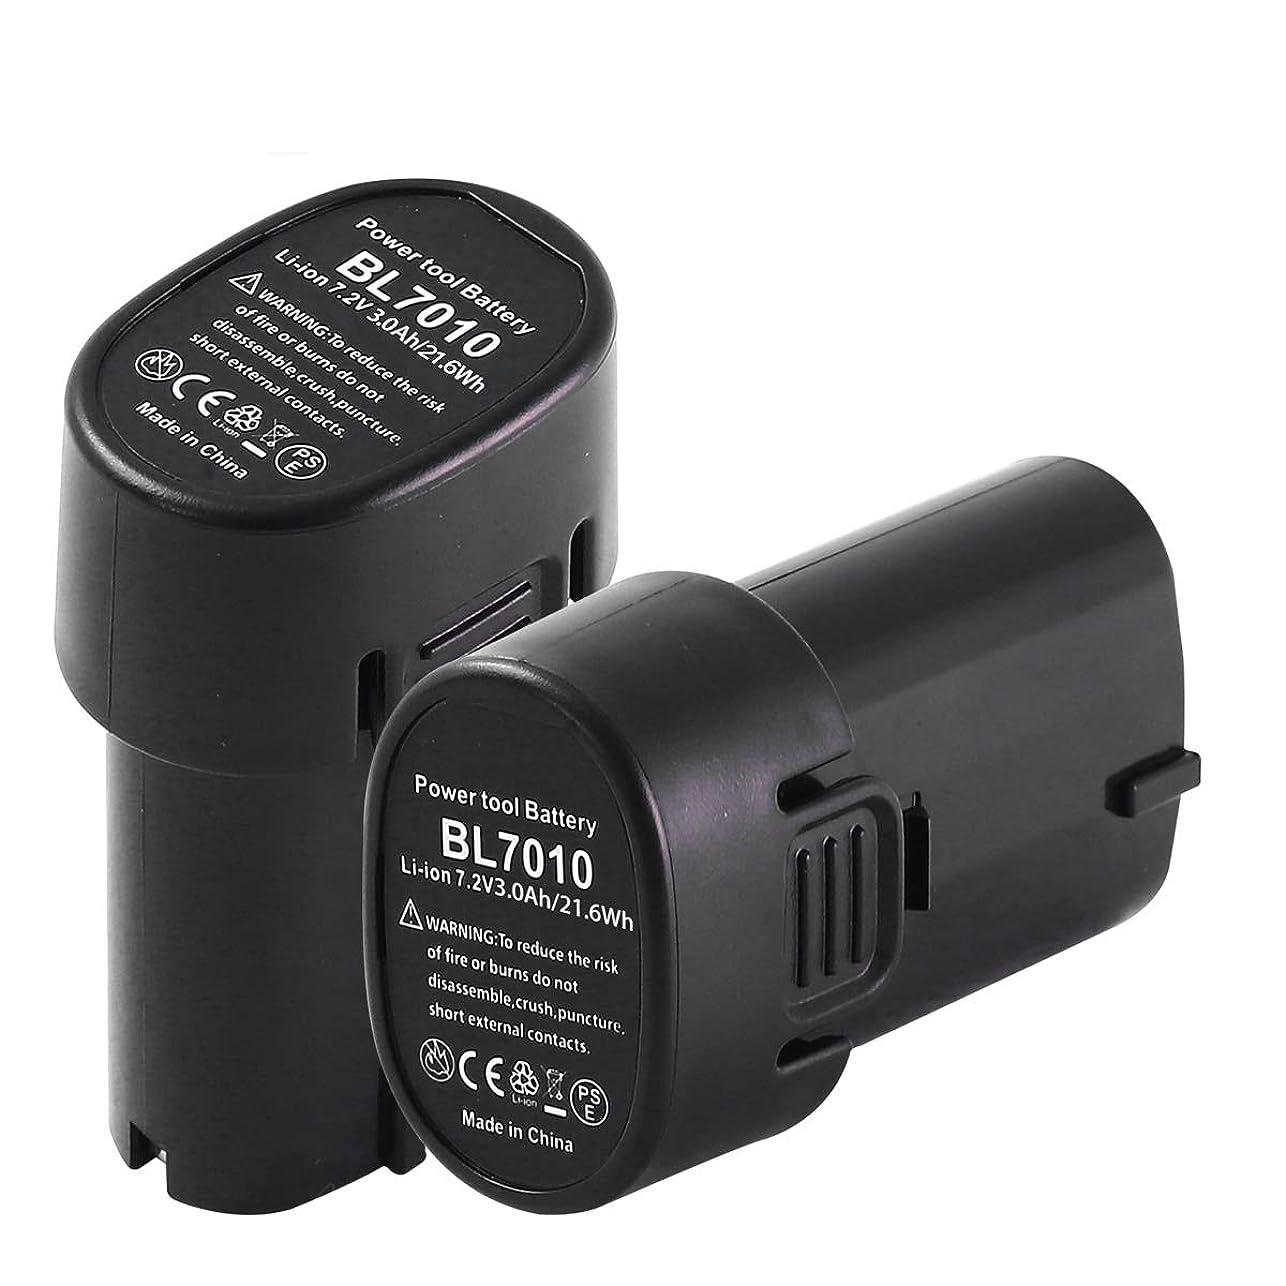 集計感じスペードBoetpcR bl7010 マキタ7.2v バッテリー マキタ互換バッテリー7.2v bl0715 バッテリー 3000mAh 大容量 マキタバッテリー7.2v 掃除機用バッテリーリチウムイオン A-47494 194356-2に対応 PSE認証取得済み 1年保証付 2個セット